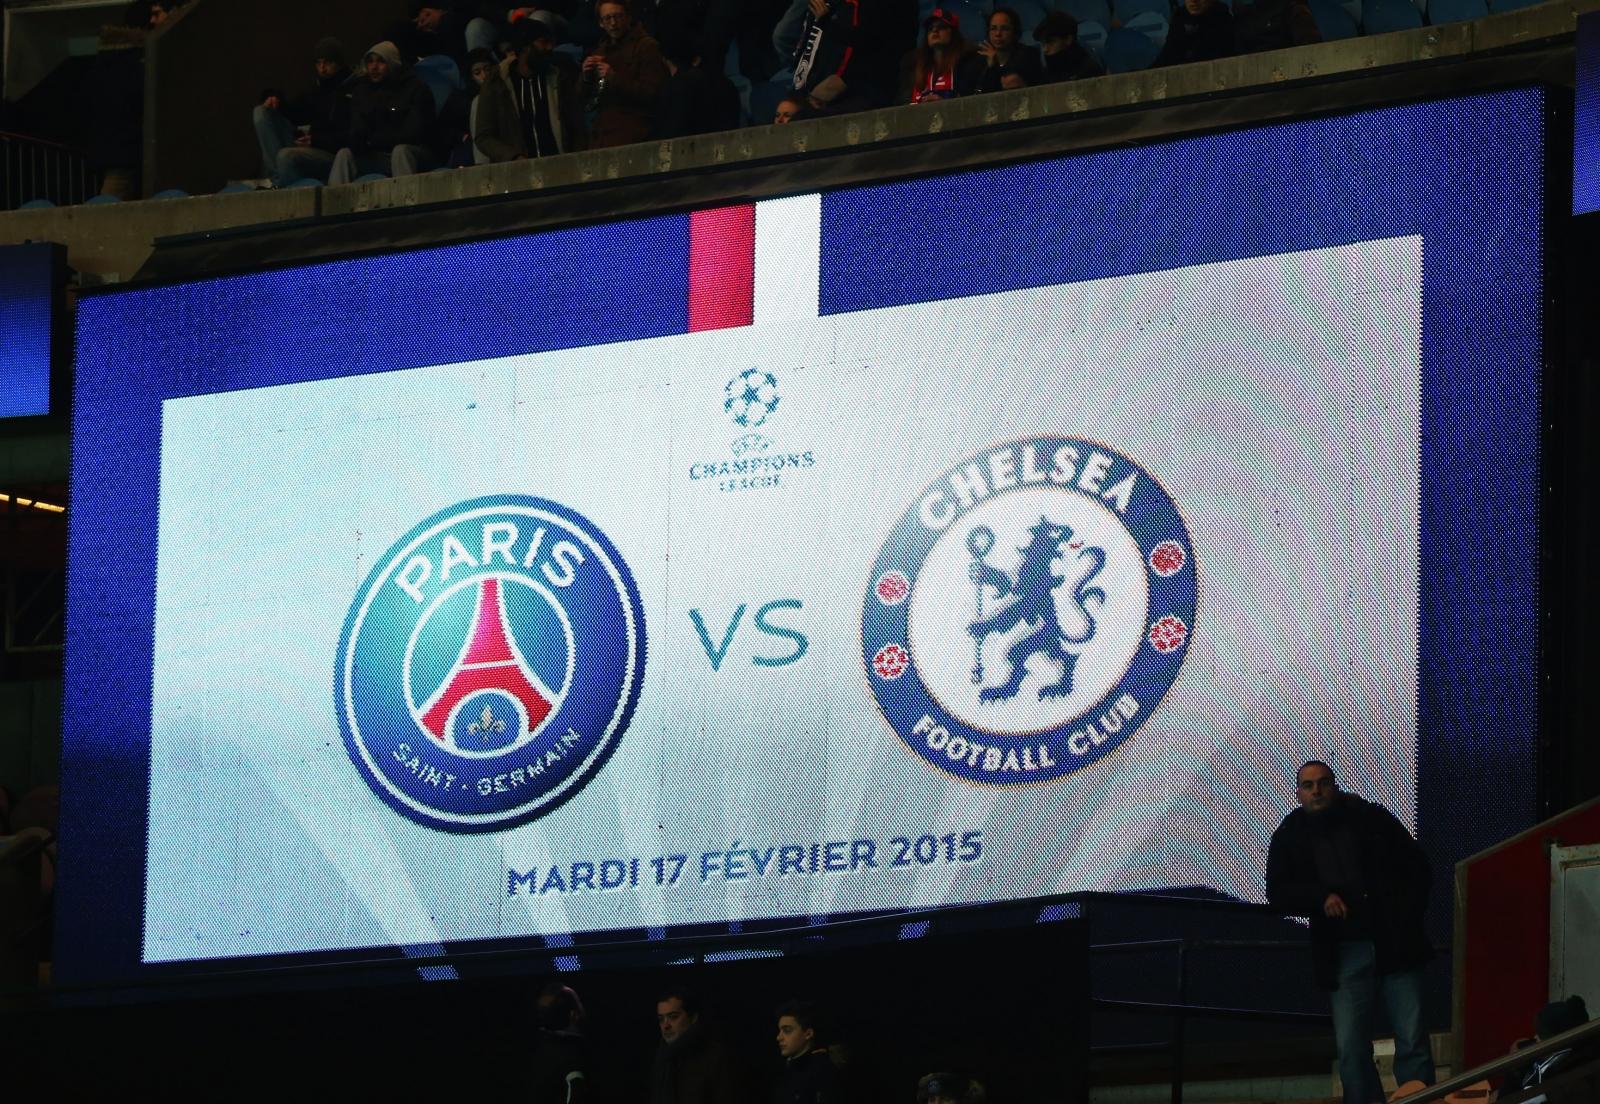 PSG v Chelsea